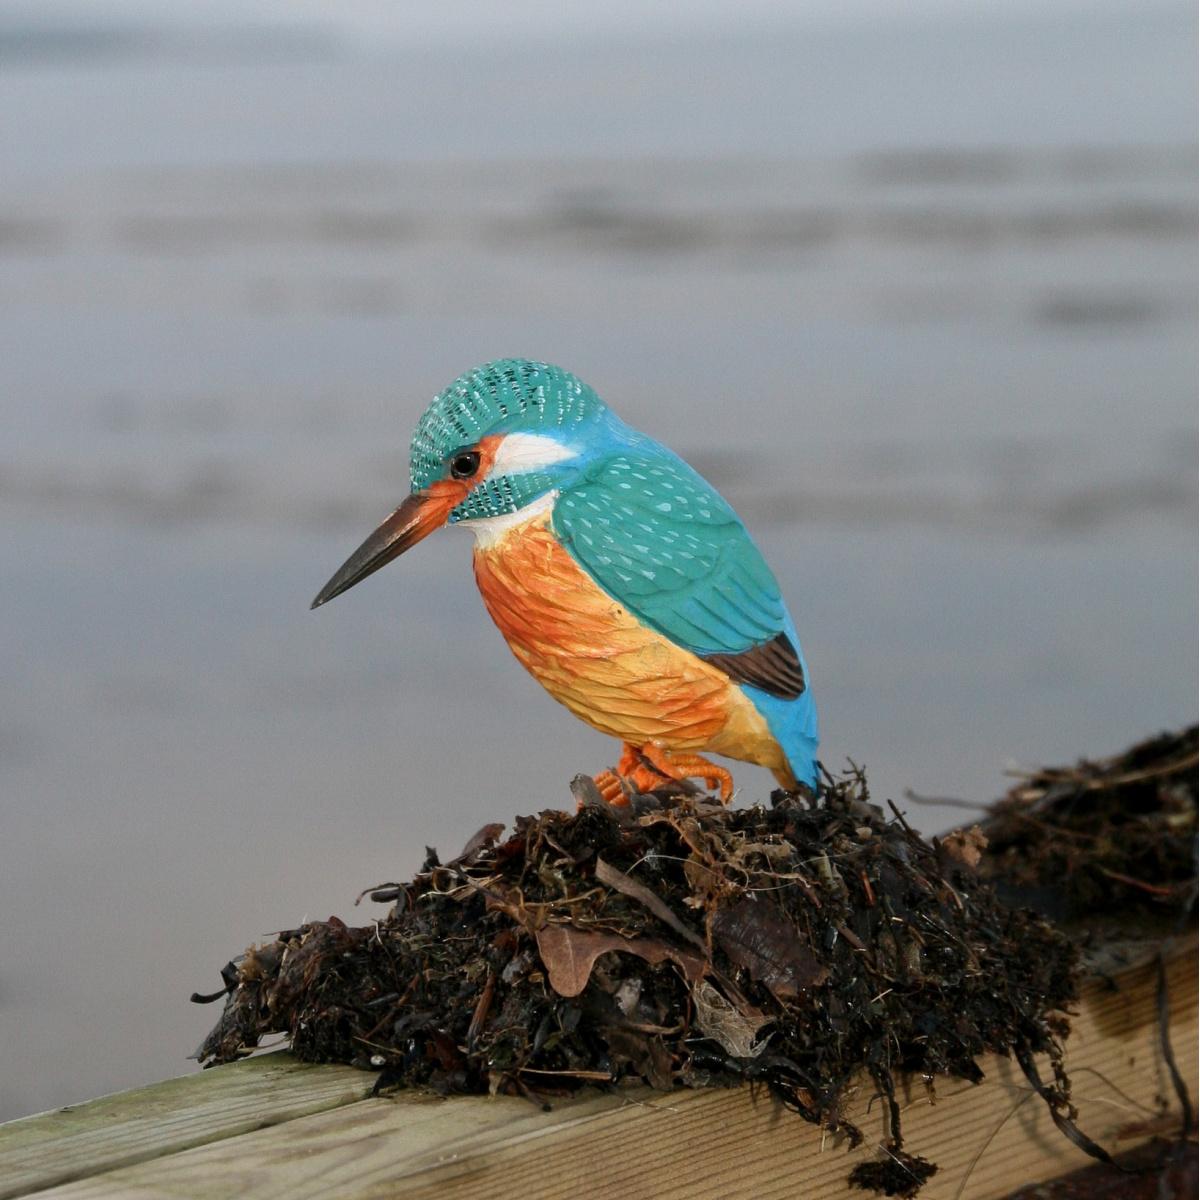 Wildlife Garden træfugl - isfugl